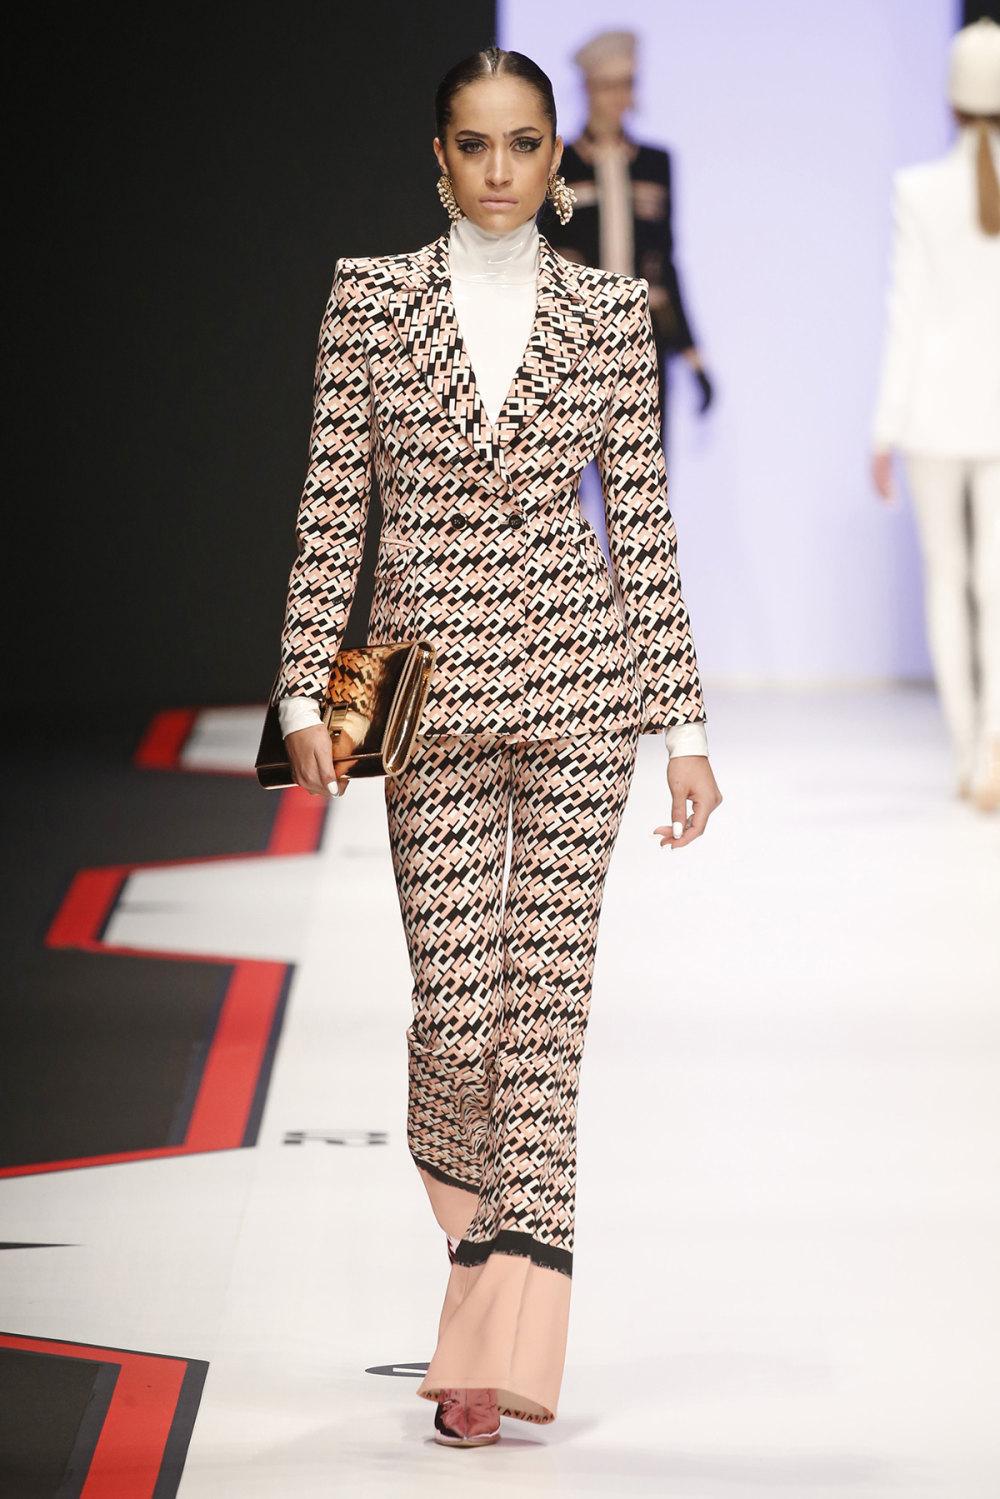 Elisabetta Franchi时装系列简约時尚的蓝色外套衬有印花迷你裙-39.jpg